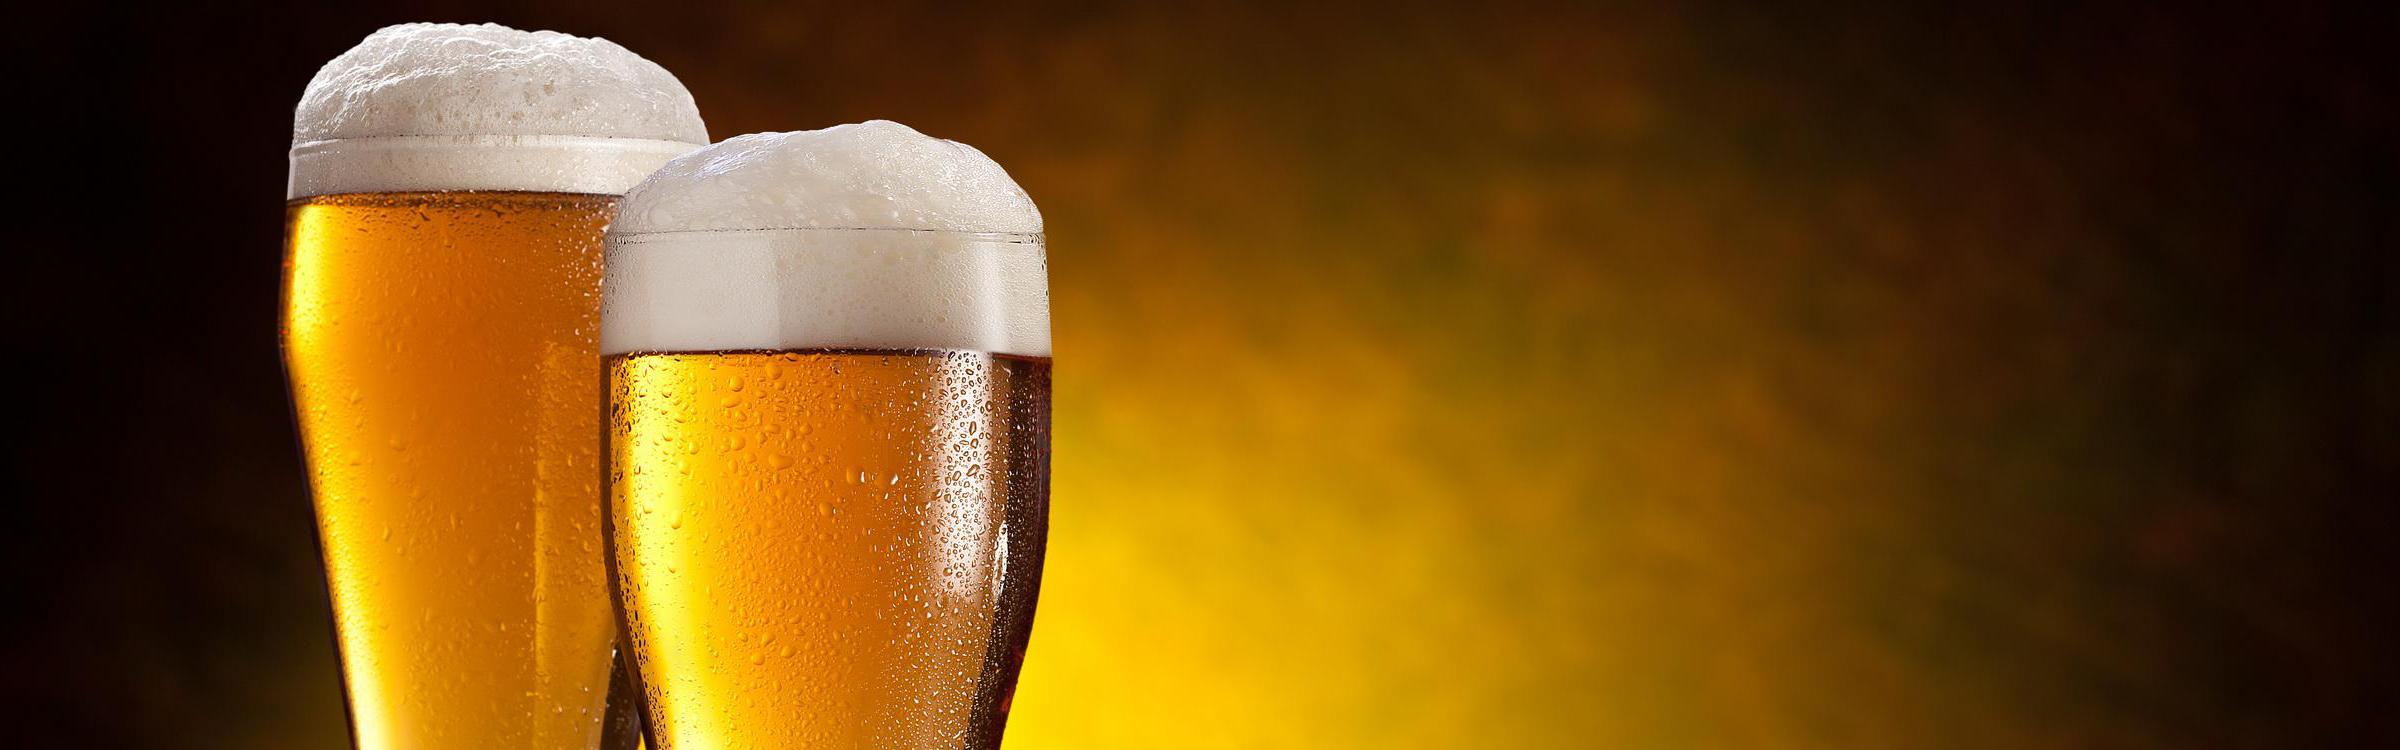 Bg beer